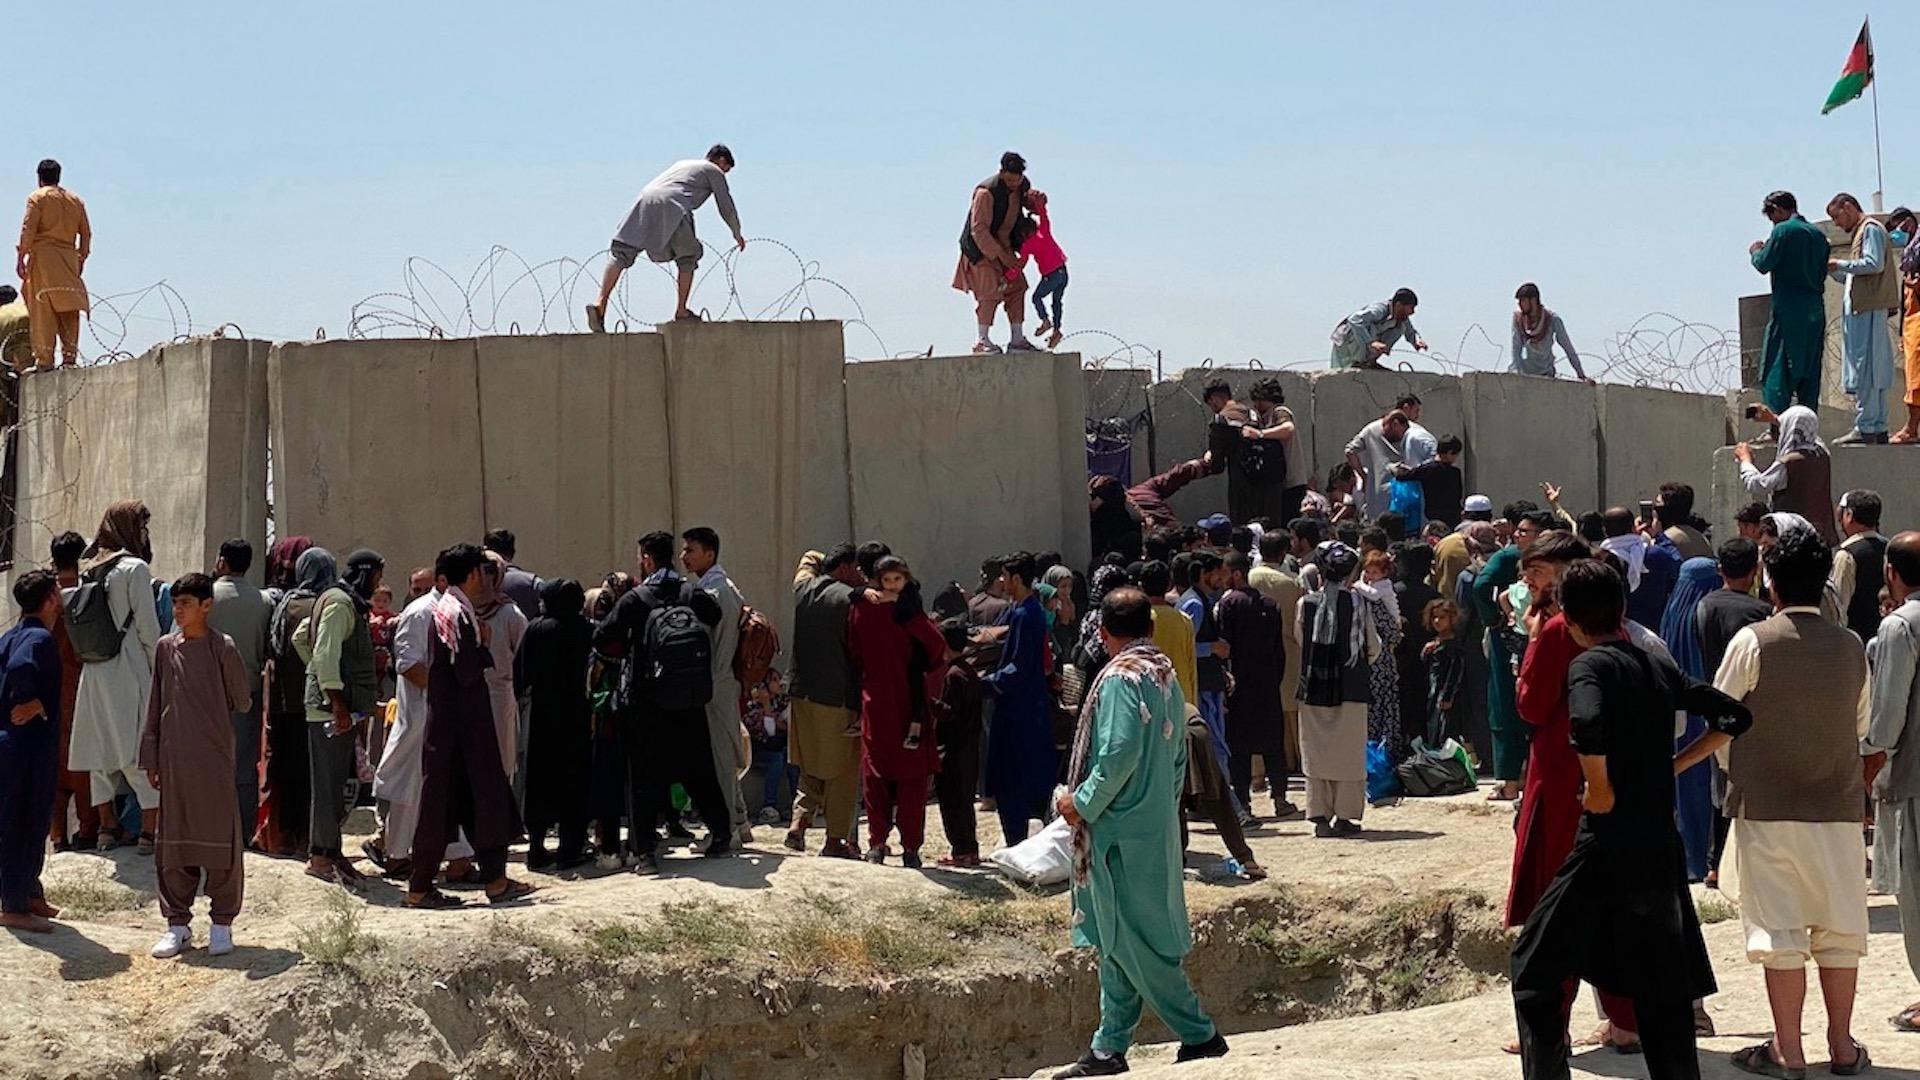 Afganistán con 17 mil 500 desplazados en el último mes, reporta ONU. Foto de EFE